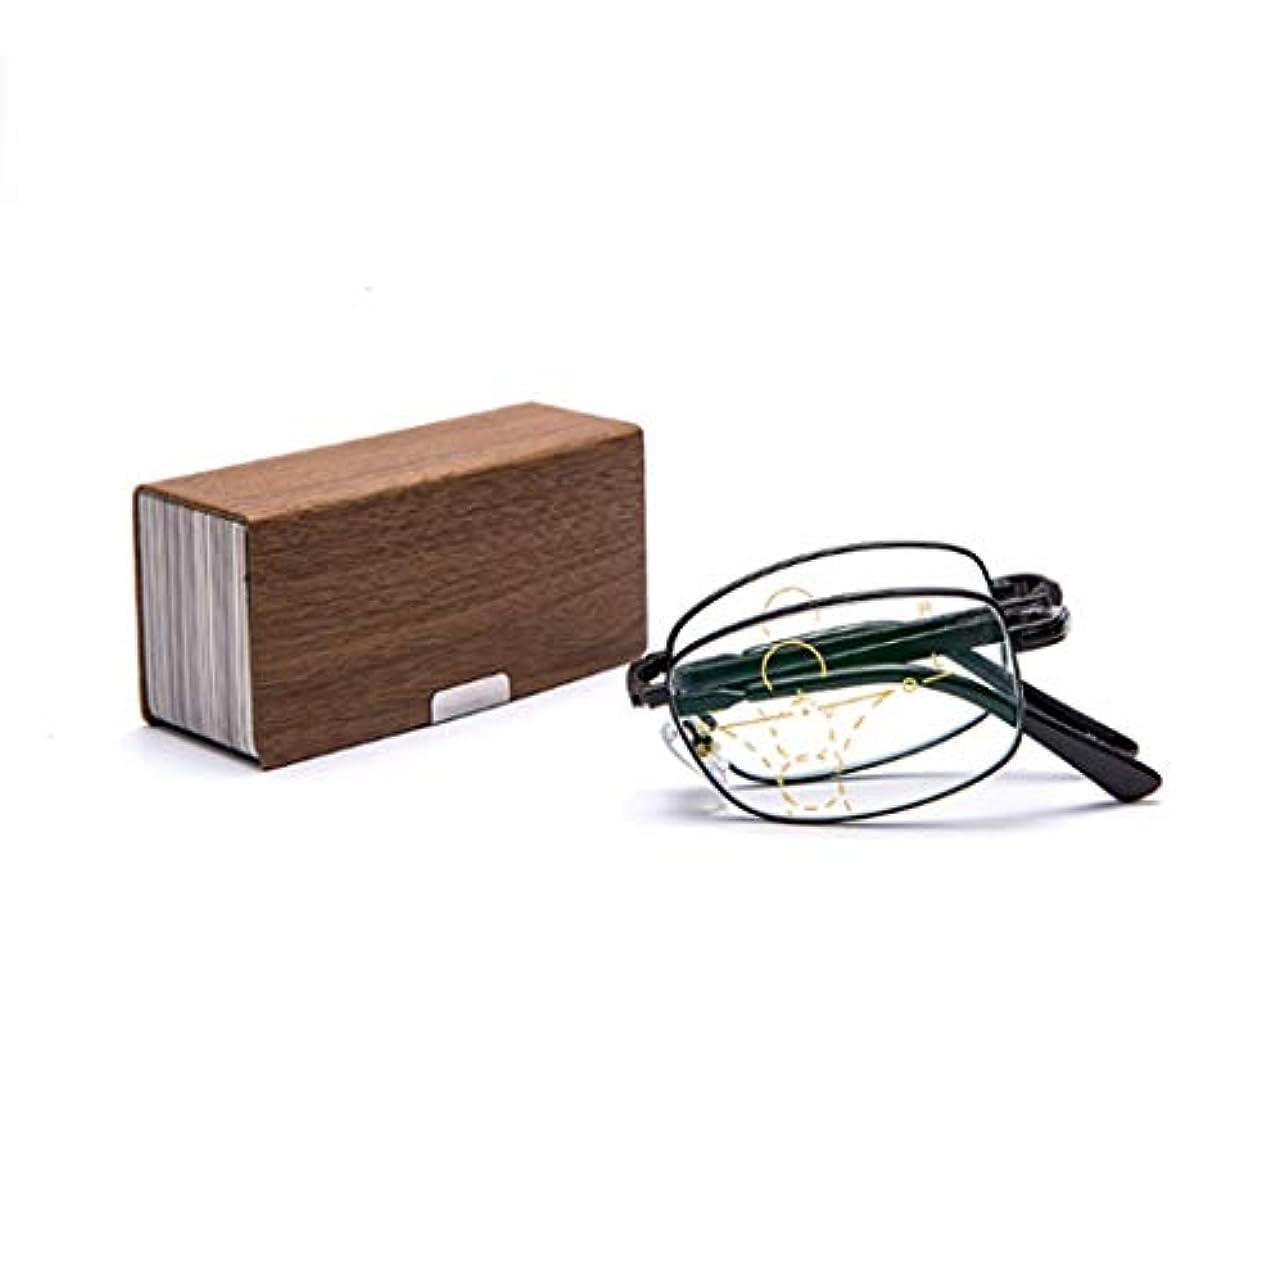 腐食するとまり木好き折りたたみ式フォトクロミック老眼鏡、累進多焦点眼鏡、ポータブル高解像度ファッション眼鏡、国内外で快適に着用可能